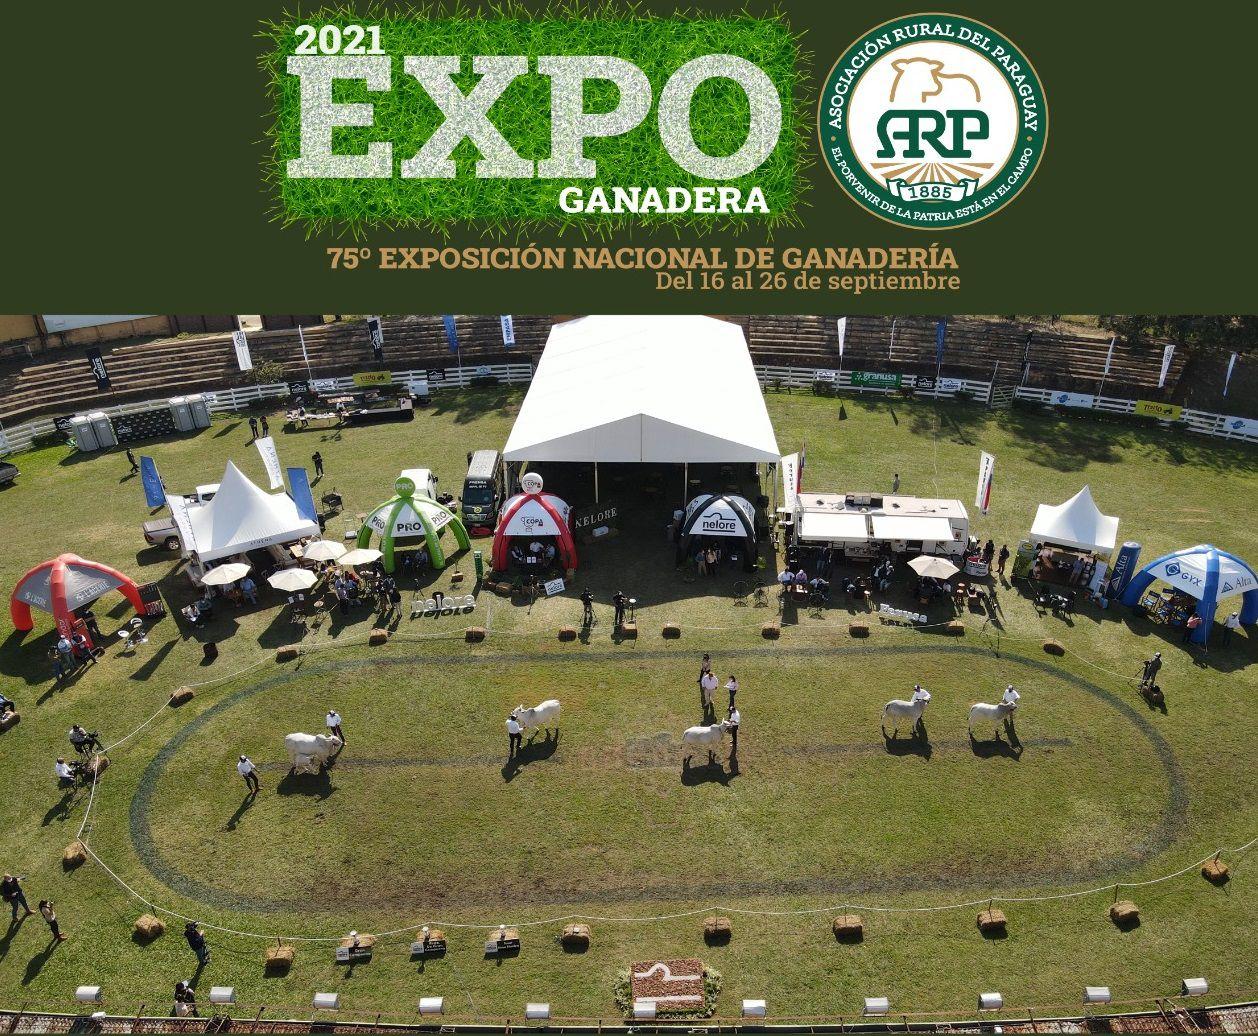 Vista aérea del Ruedo Central de la Expo de Roque Alonso, en una de las recientes ferias de razas bovinas.